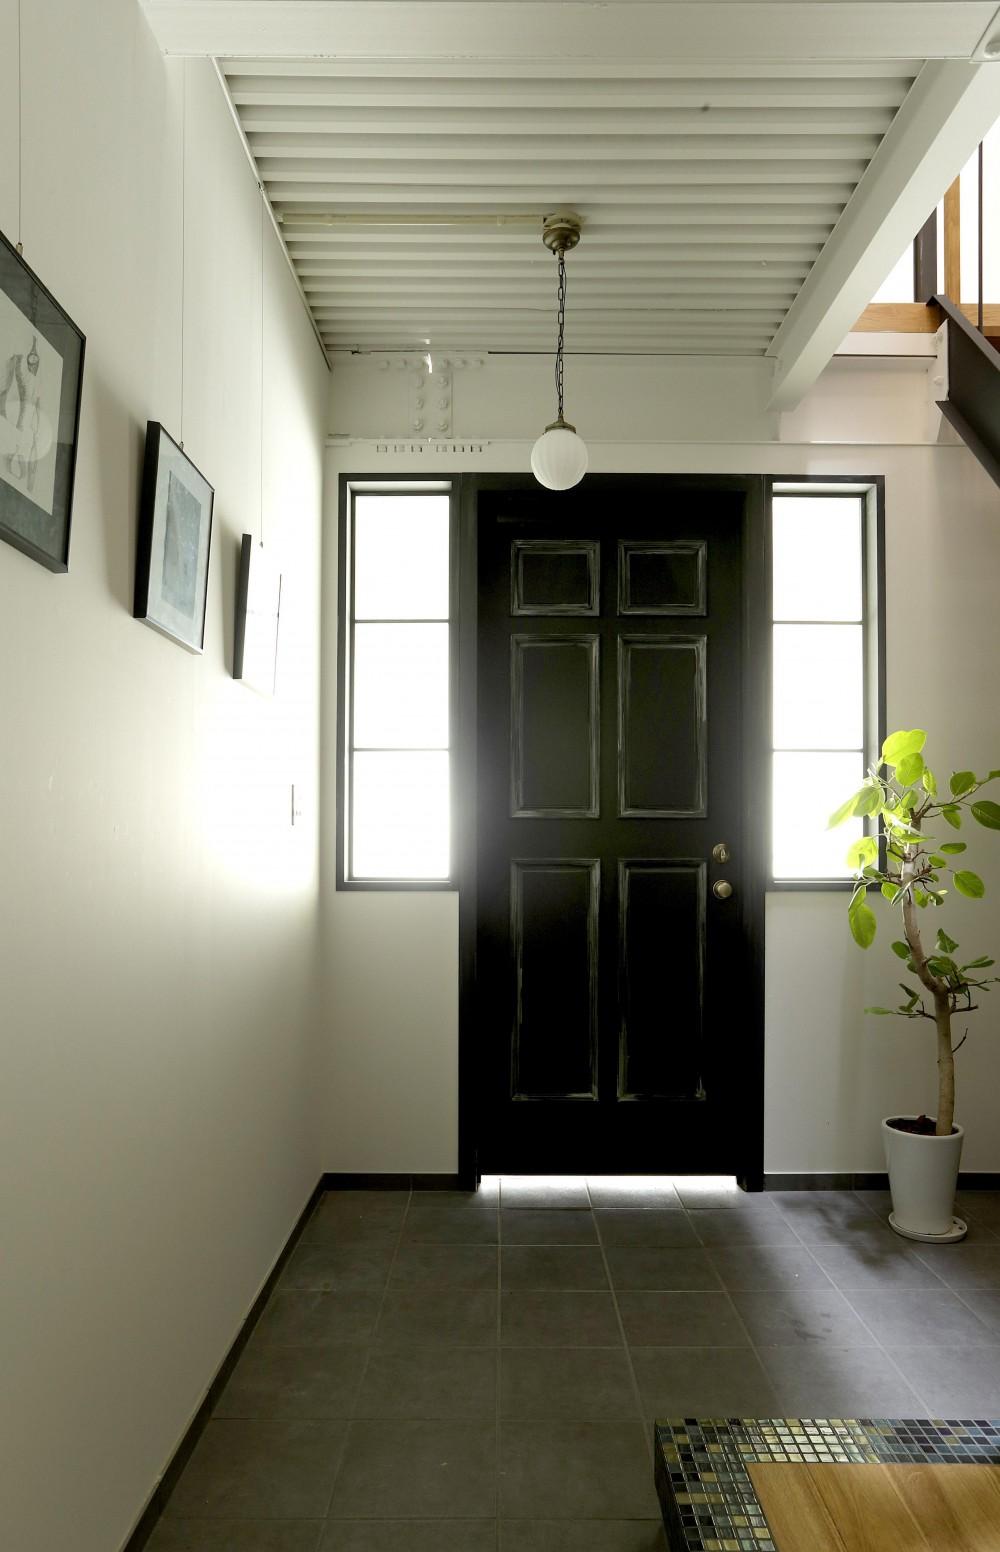 暮らし方自由自在 「KNY 2-11」 (エイジング加工を施した玄関ドア。)